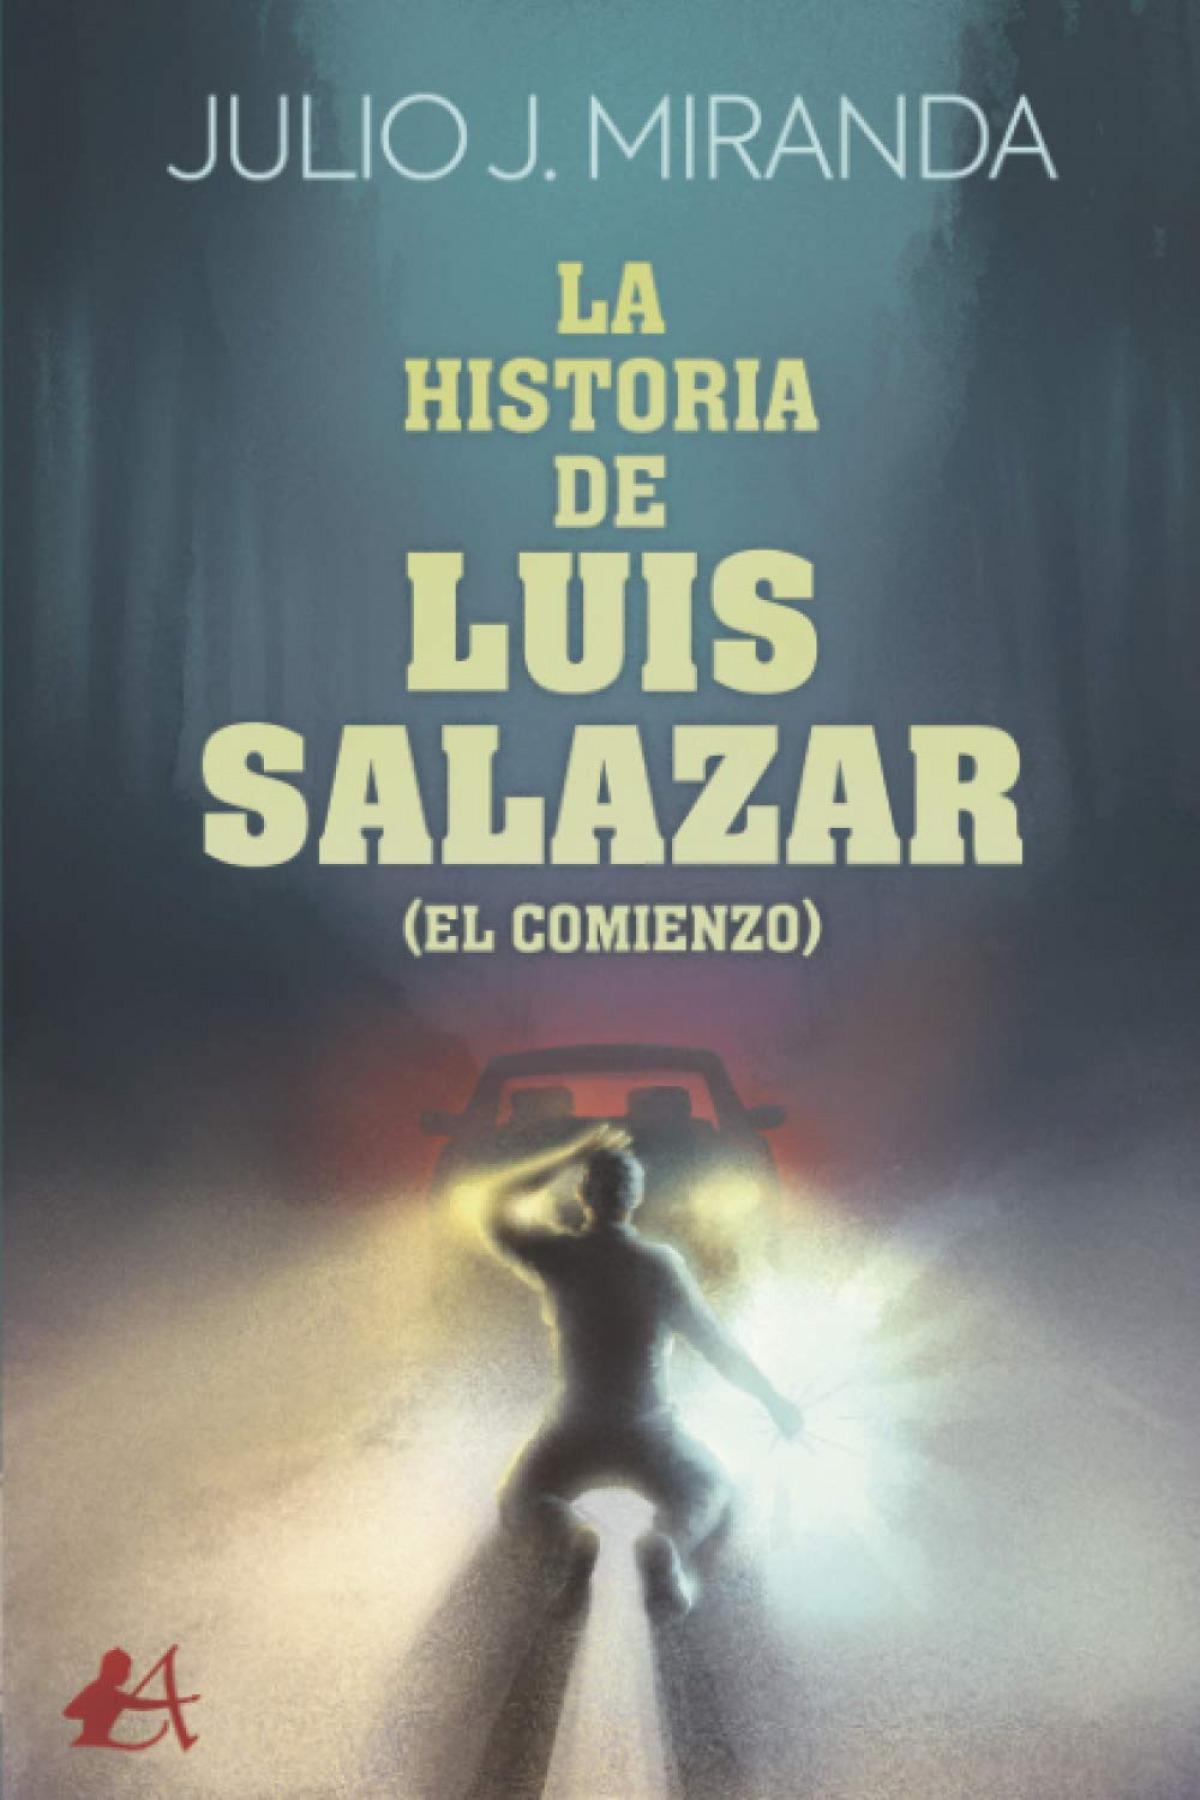 LA HISTORIA DE LUIS SALAZAR (EL COMIENZO)